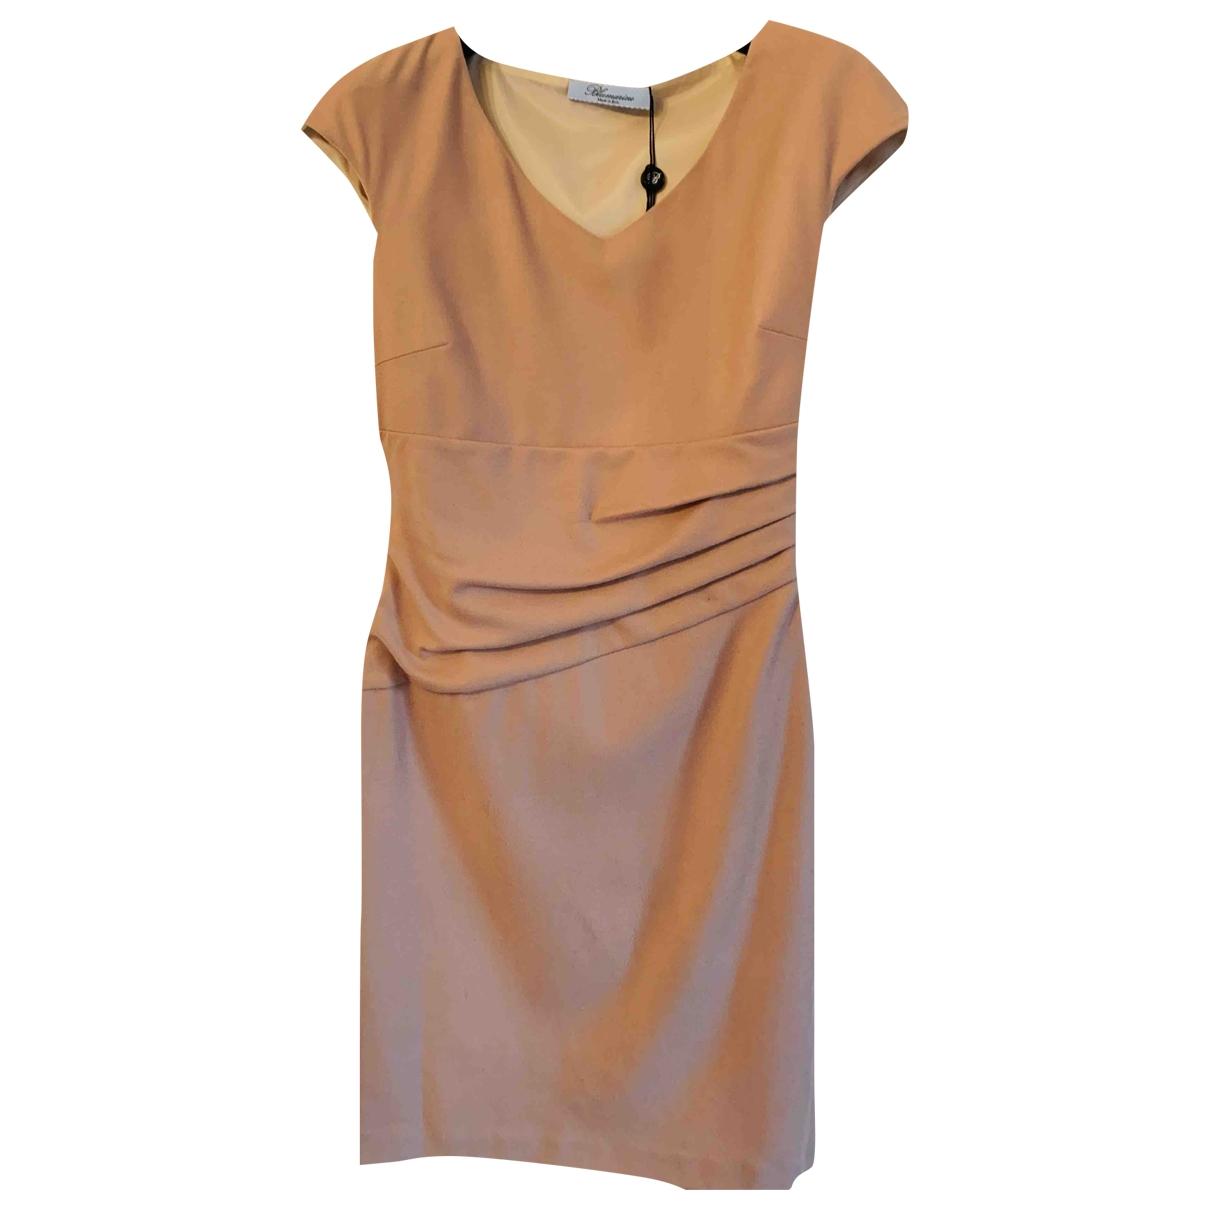 Blumarine \N Kleid in  Kamel Wolle